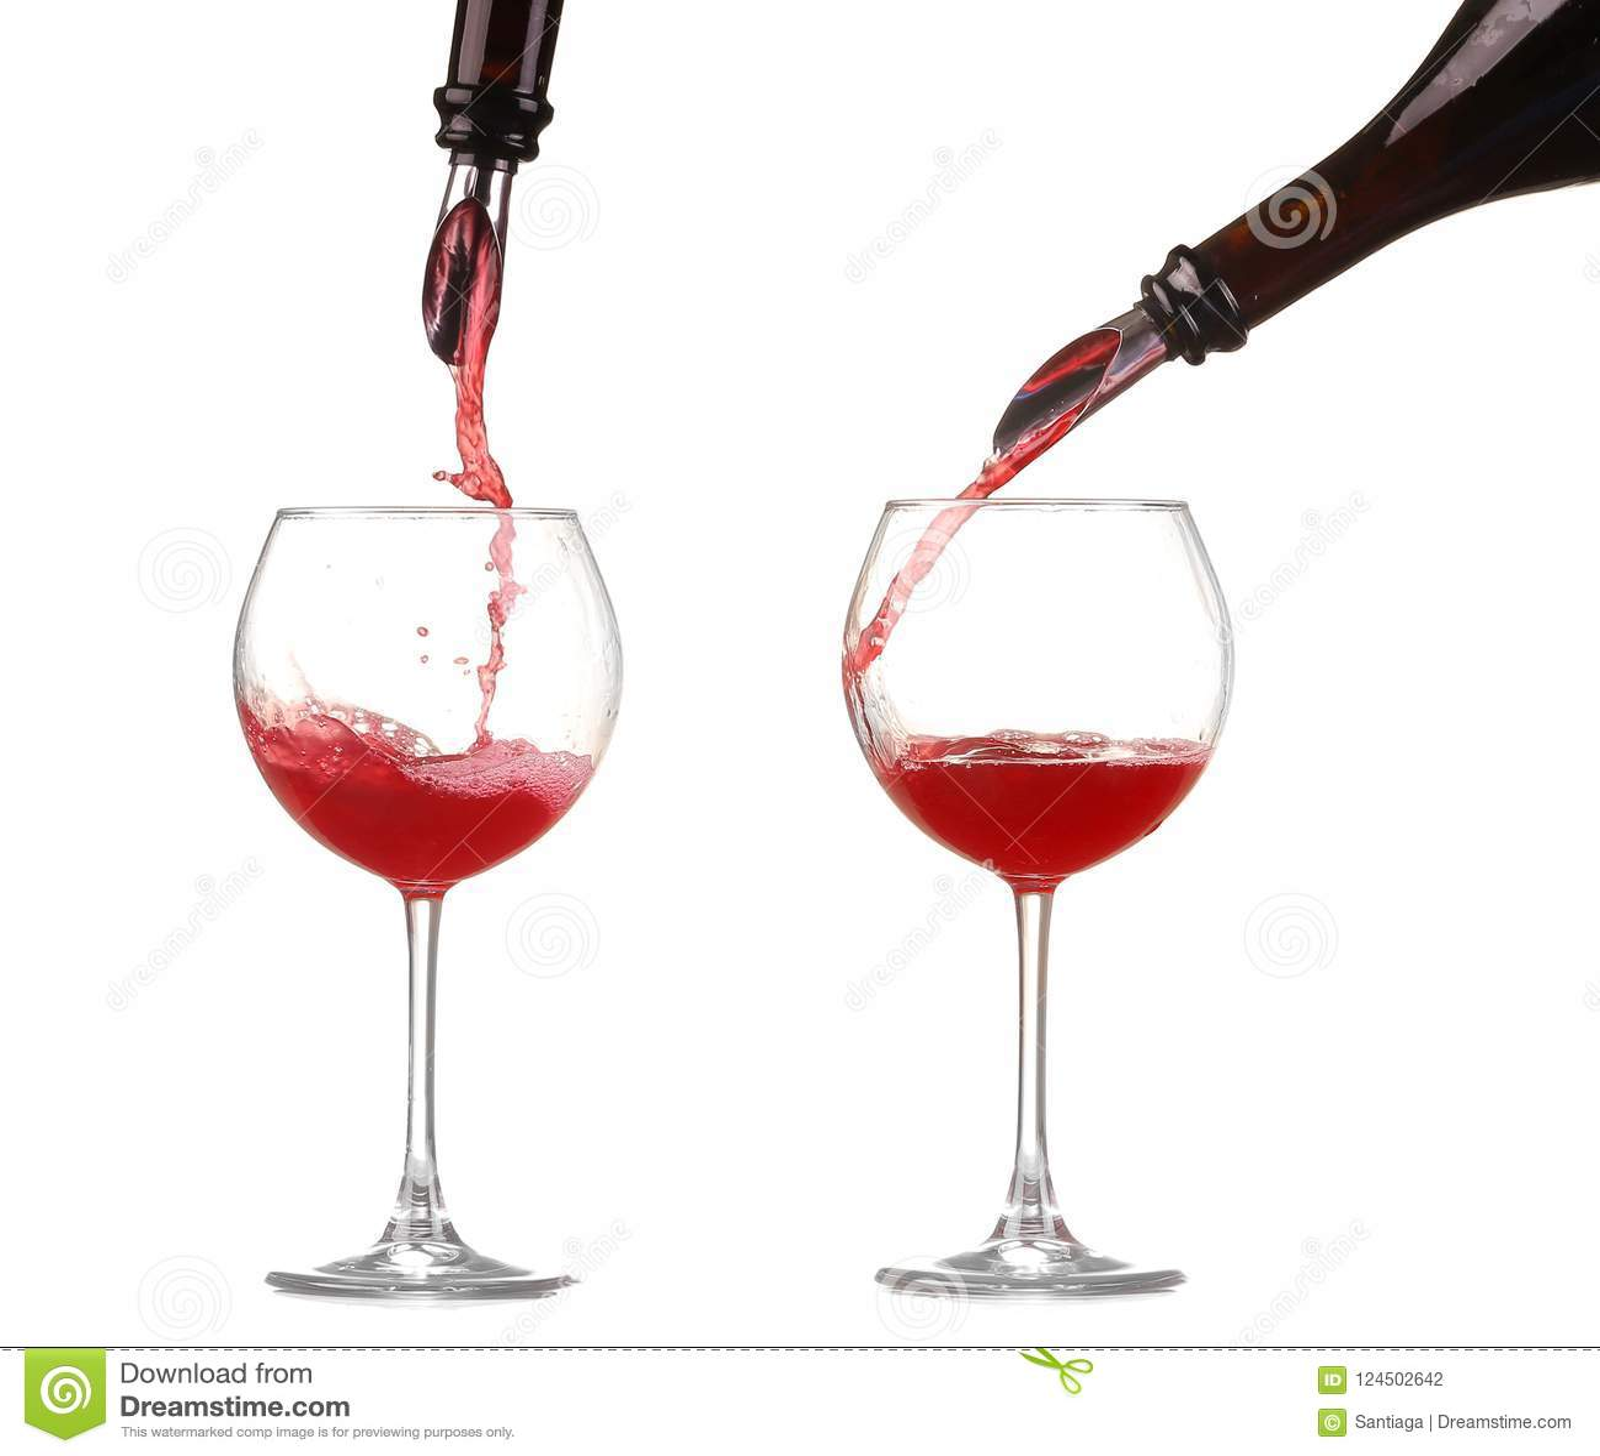 Вино коллажа красное лить в изолированный бокал